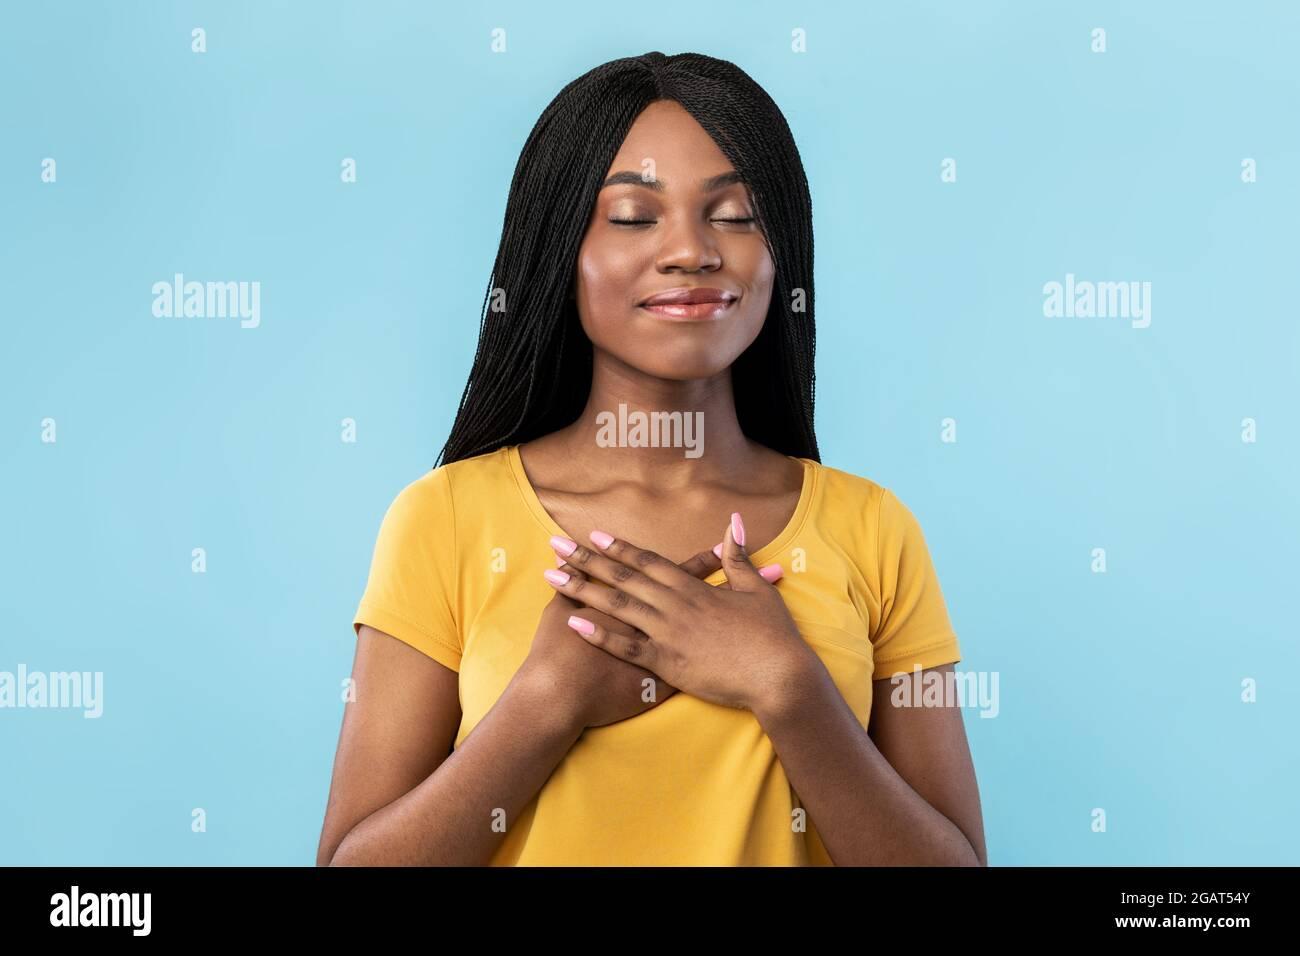 Freundlichkeit Und Dankbarkeit. Dankbare Afroamerikanische Frau Drückt Die Hände An Die Brust Und Posiert Lächelnd Mit Geschlossenen Augen Auf Blauem Hintergrund. Studio Portrait Stockfoto